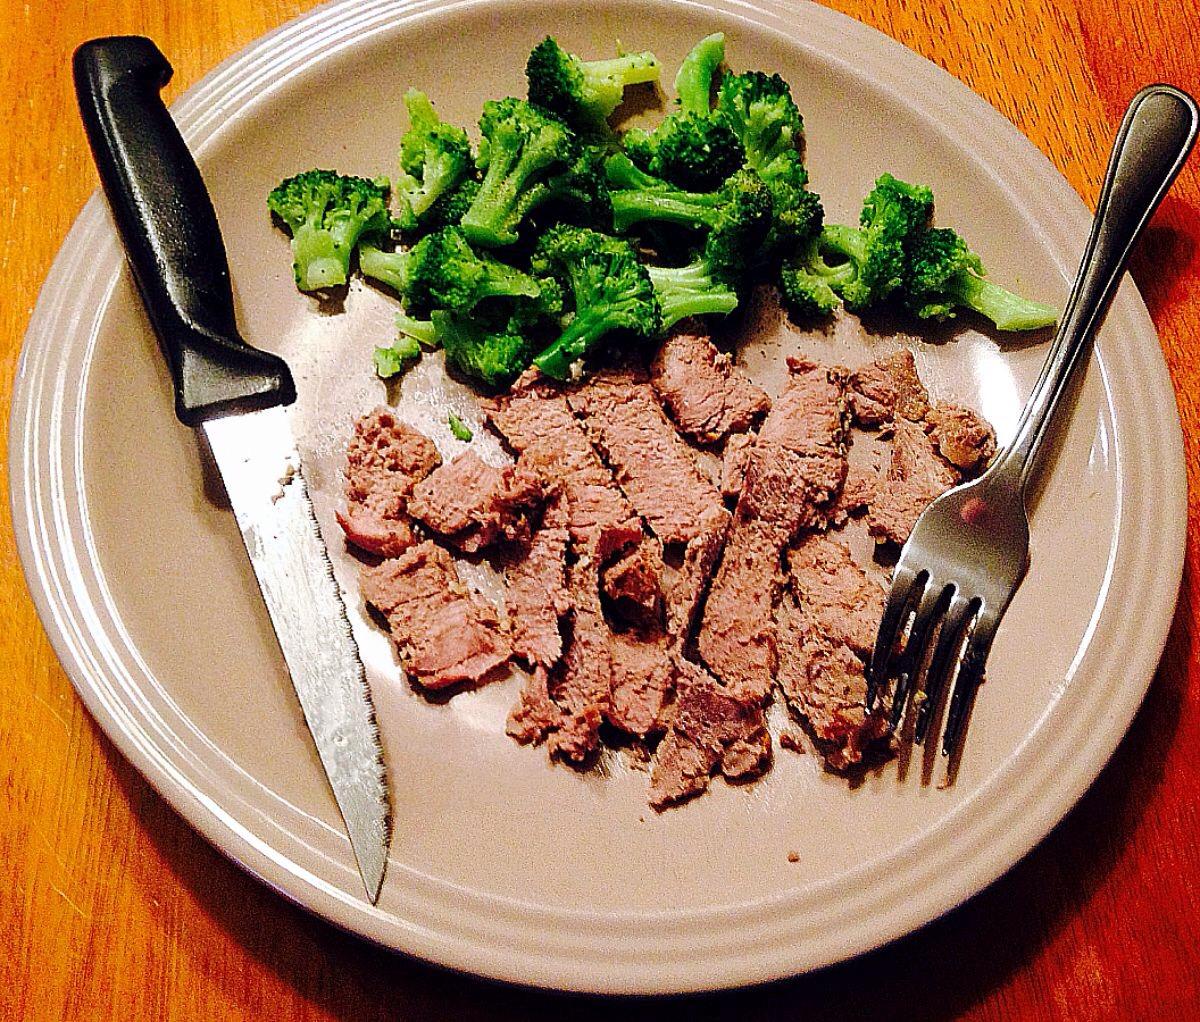 2 minute ghid pe 1900 calorie diet